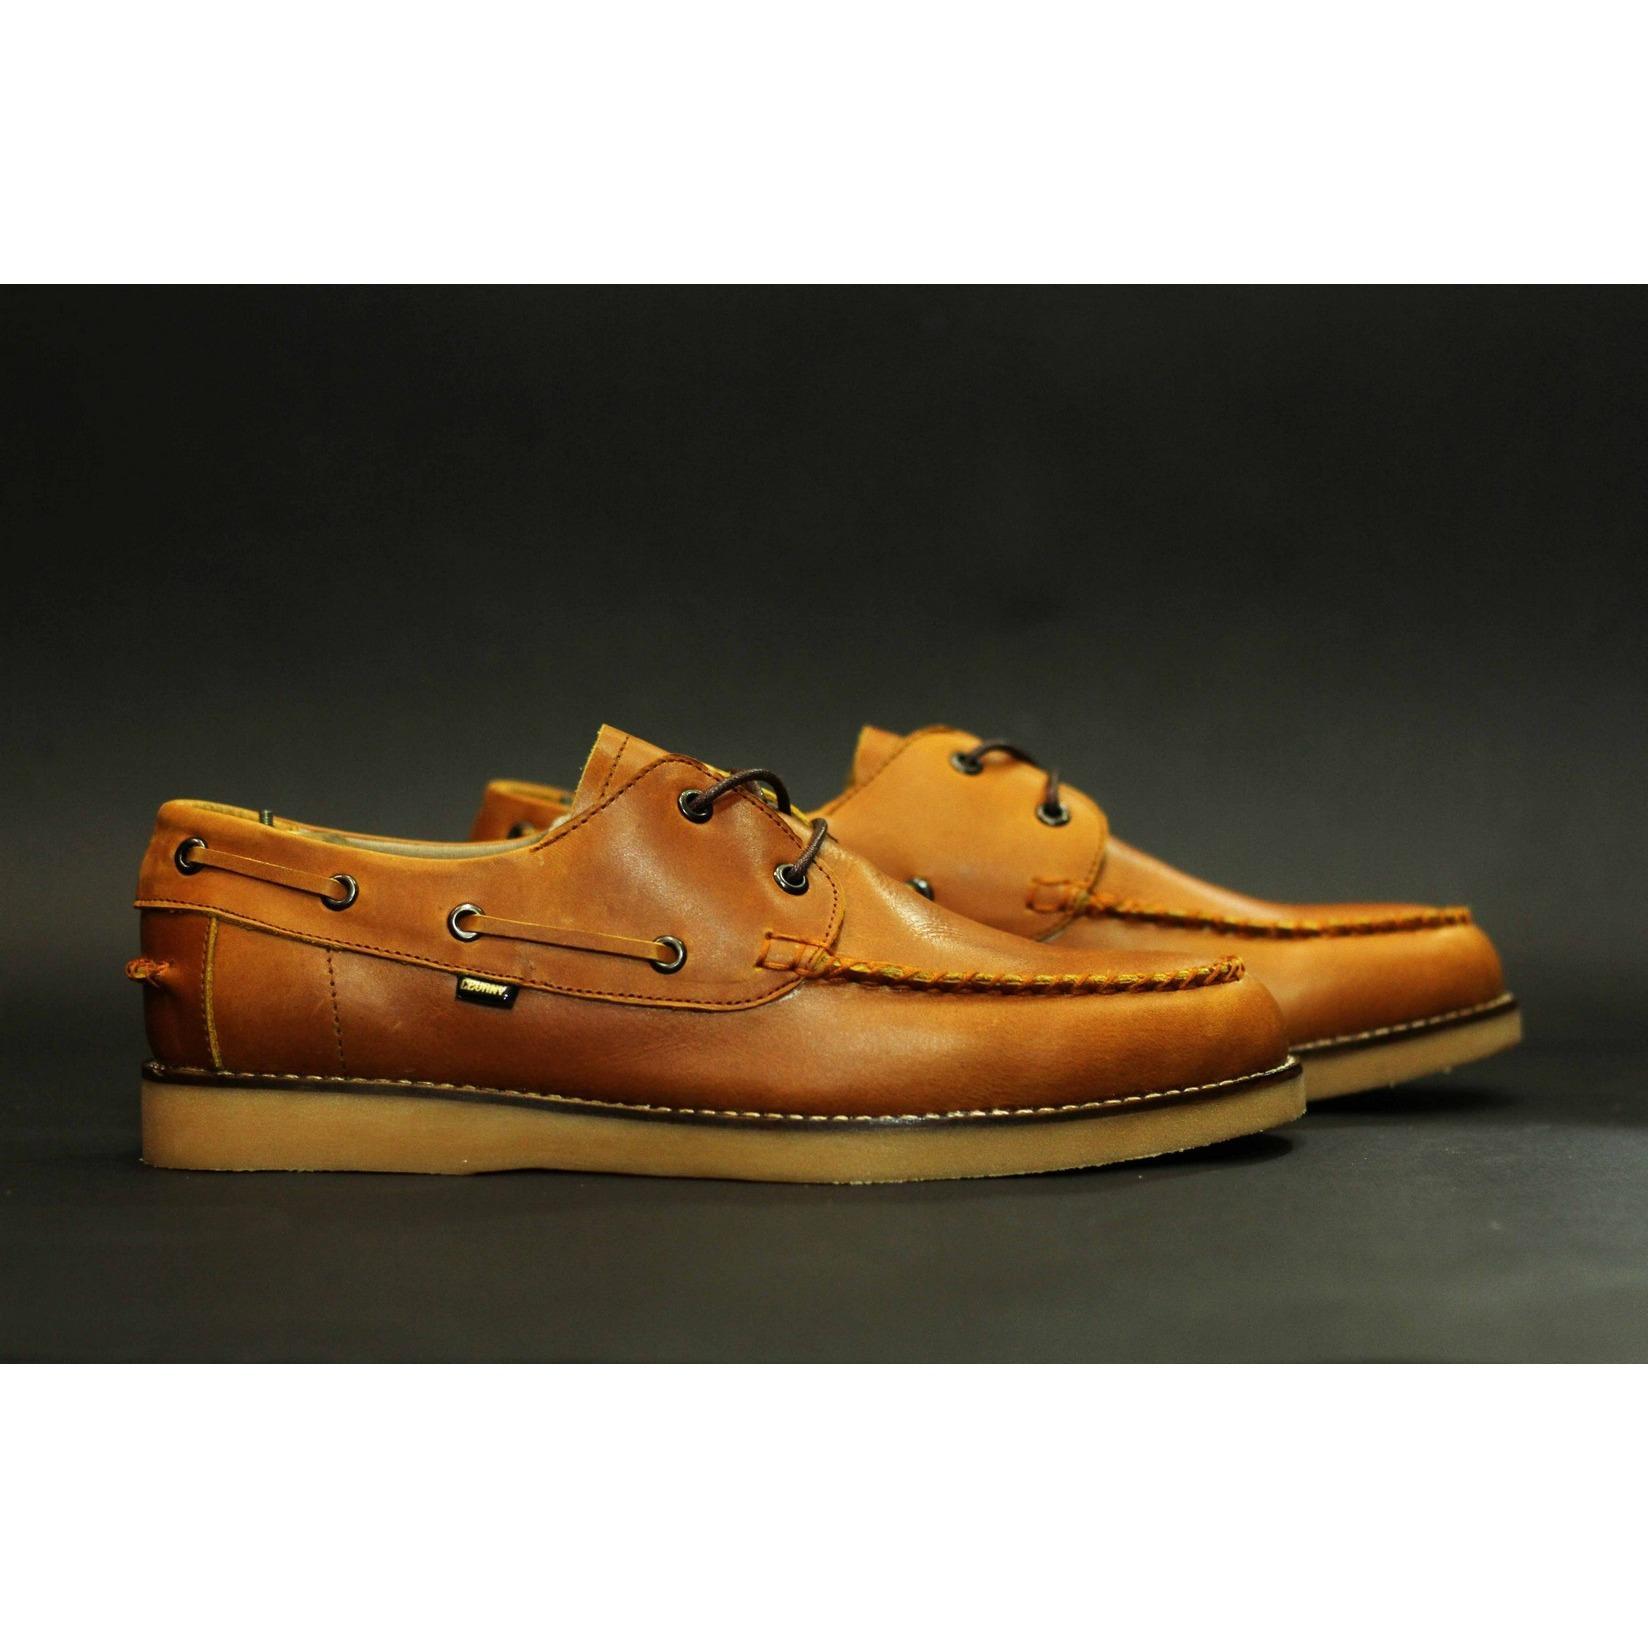 sepatu kulit asli zapato merk cevany casual santai elegance import pria tangguh